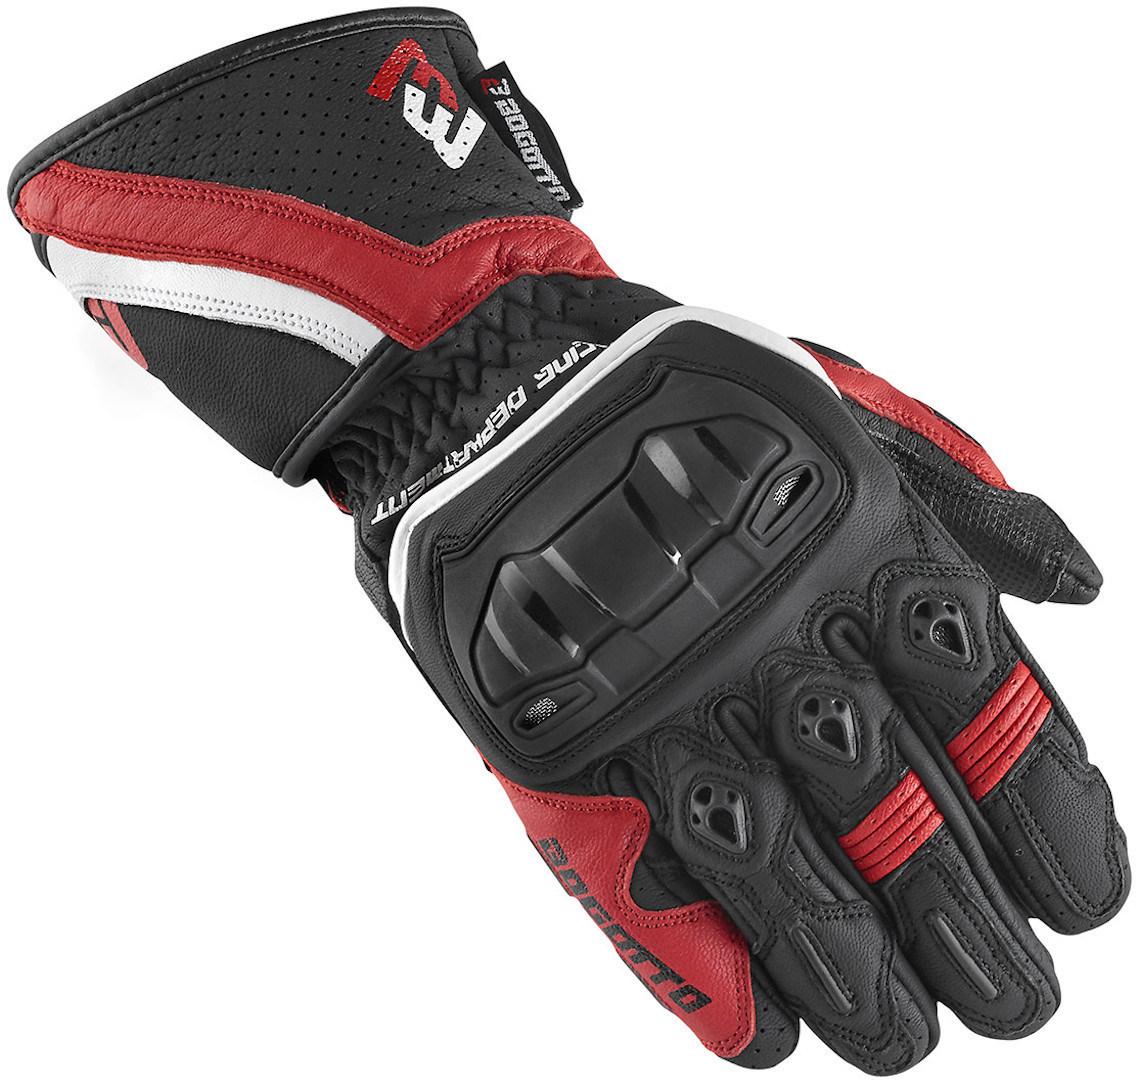 Bogotto Losail Motorradhandschuhe, schwarz-weiss-rot, Größe XS, schwarz-weiss-rot, Größe XS